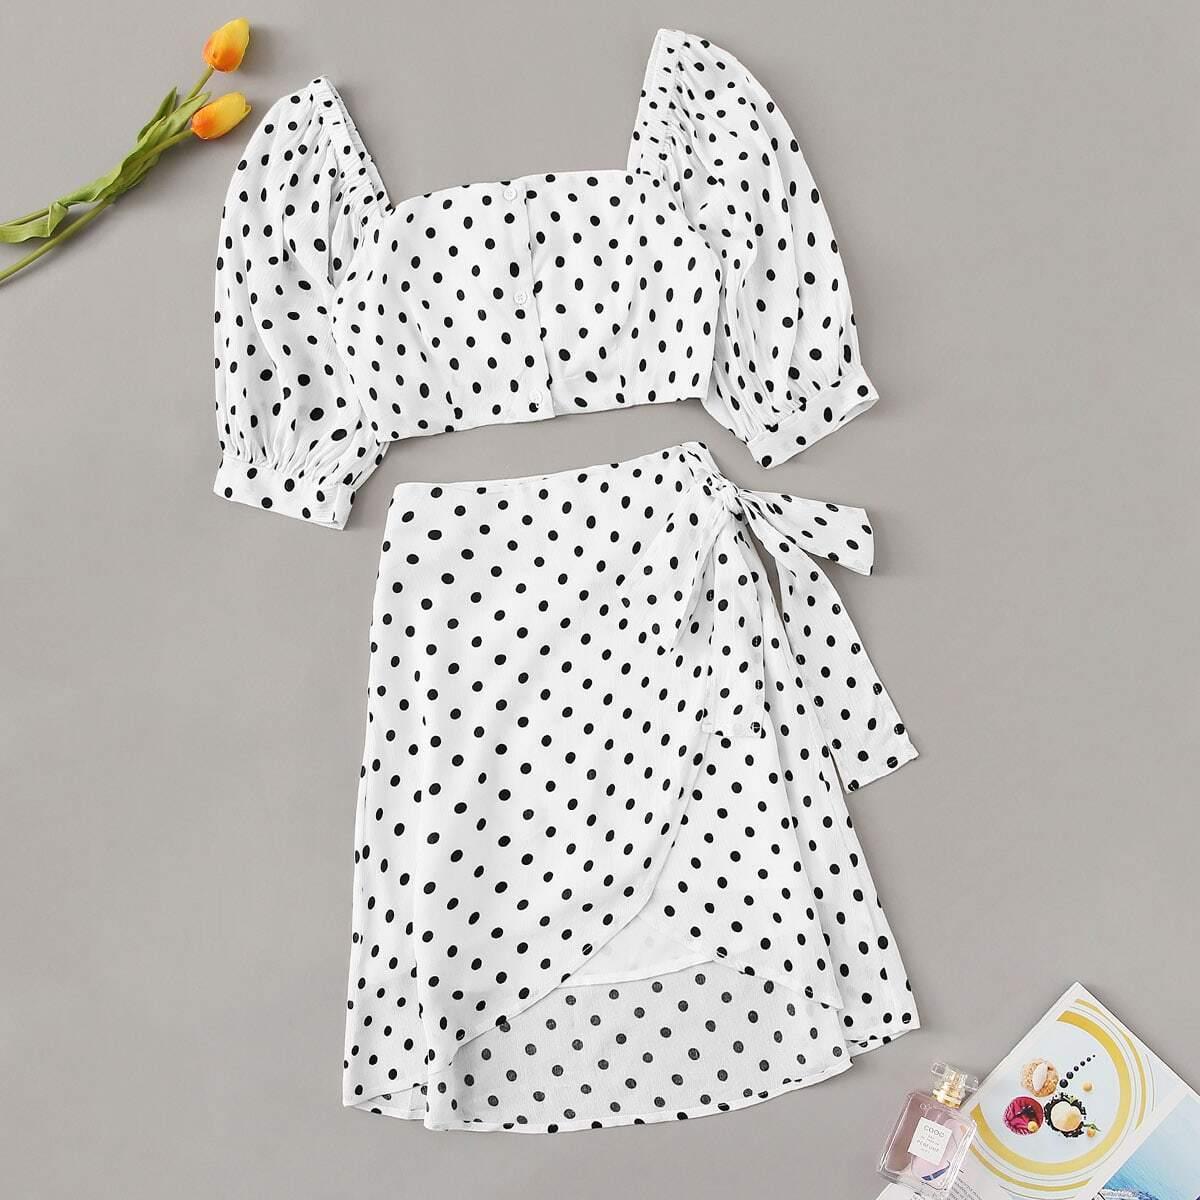 Buttoned Crop Polka Dot Top & Knot Overlap Skirt Set